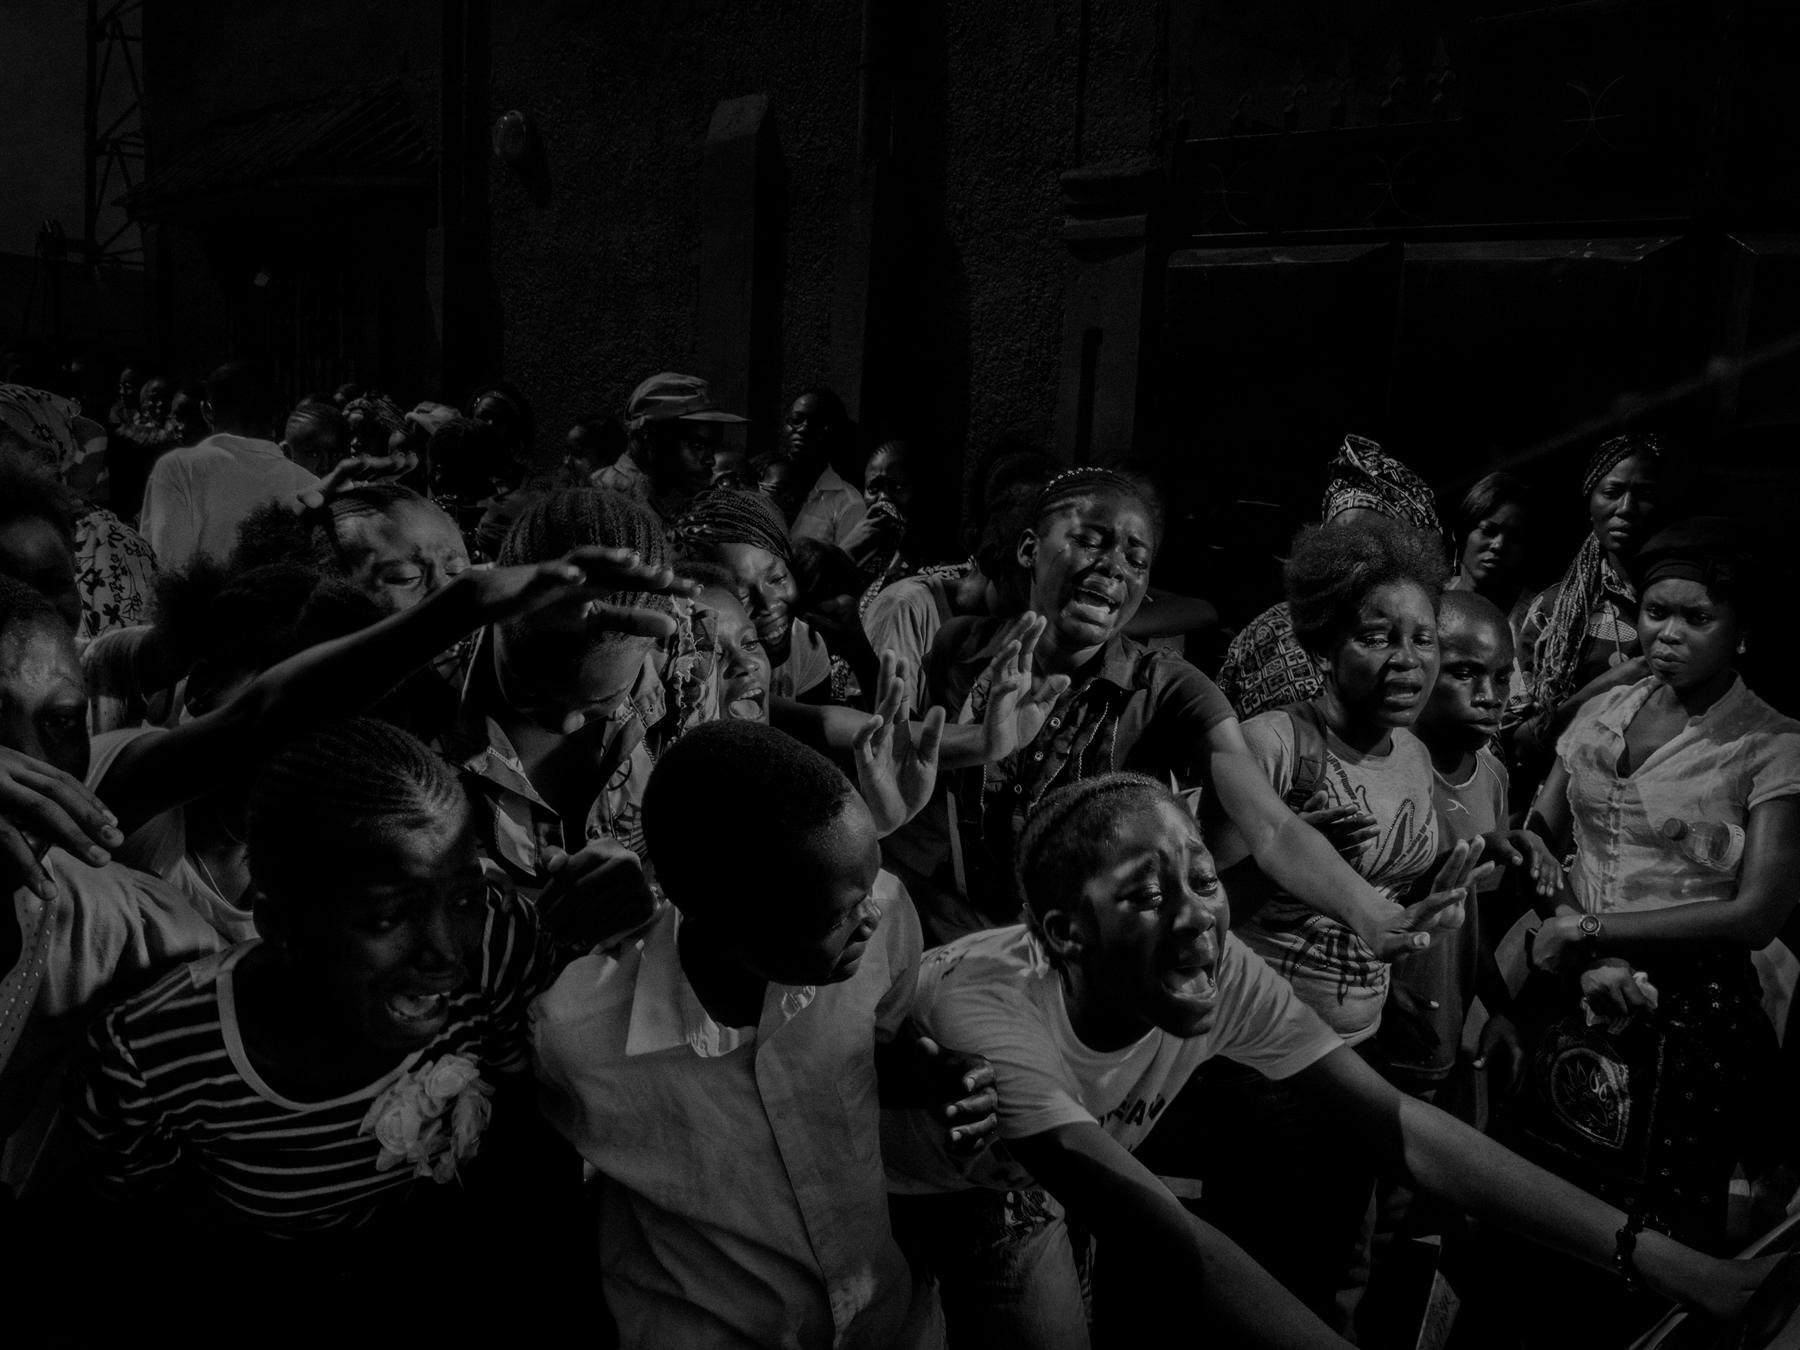 Scene #0525, Pointe Noire, Congo 3/5, 2013.